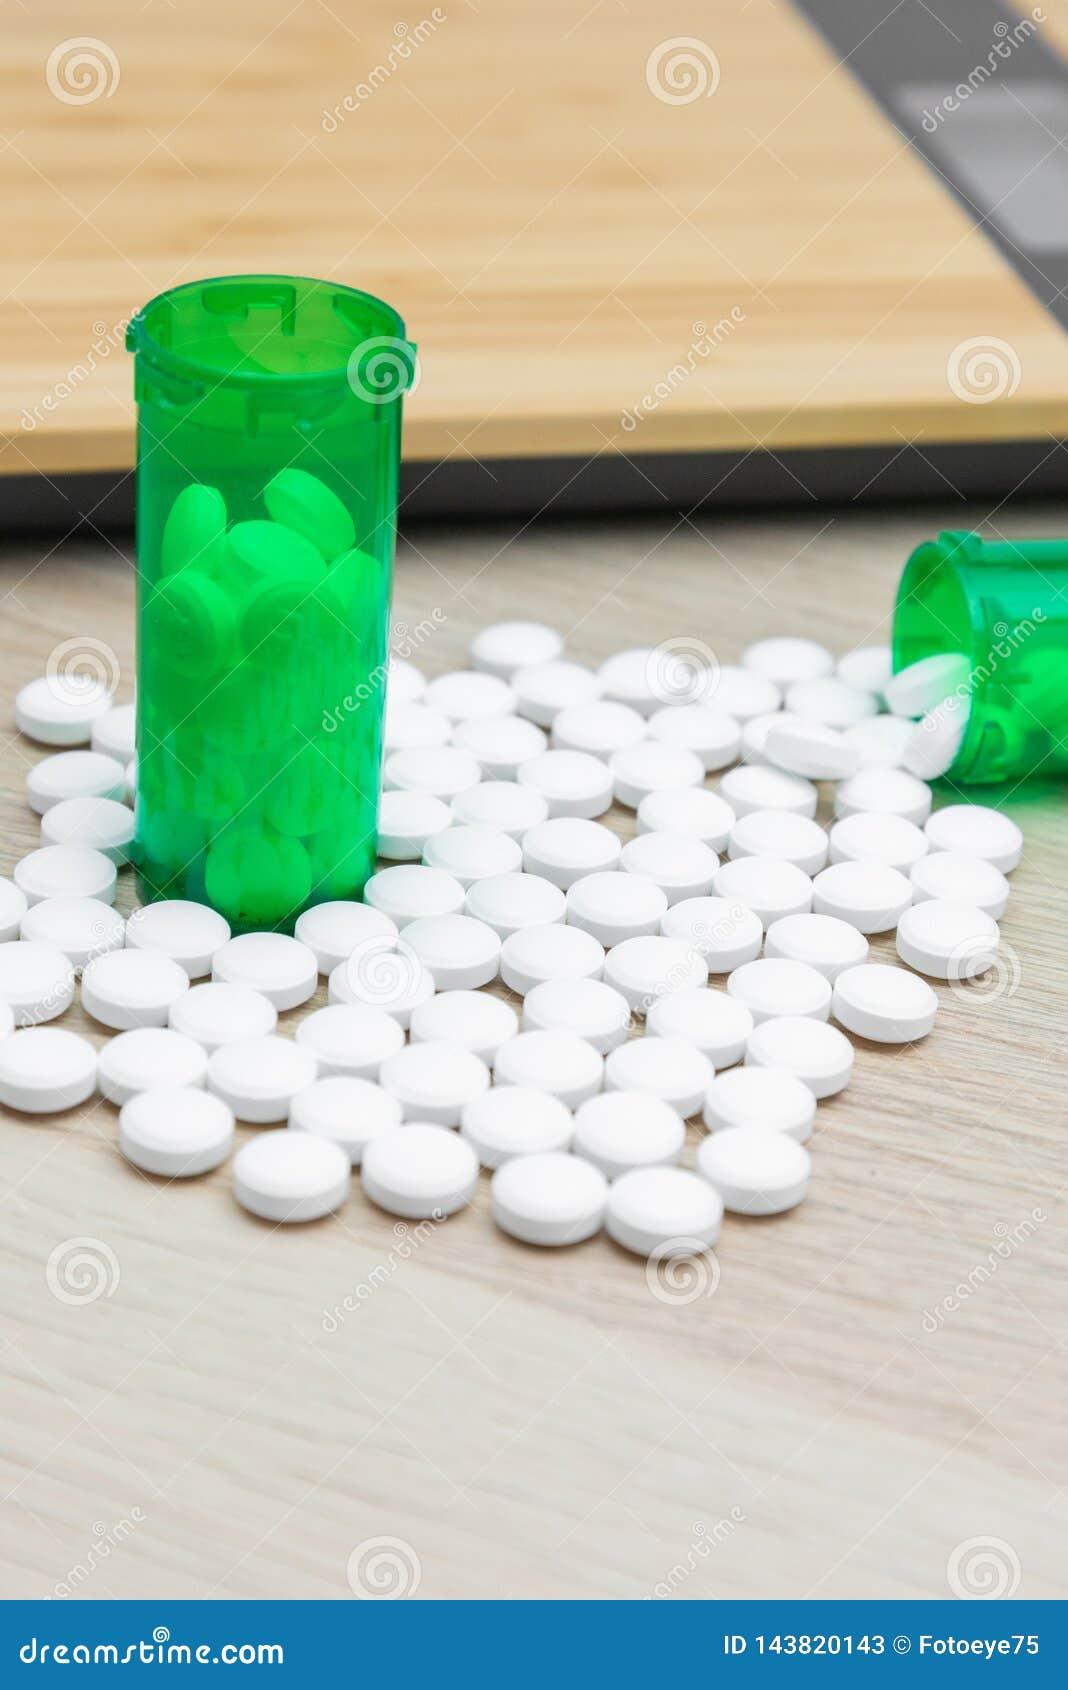 Pillen und grüne Flaschen